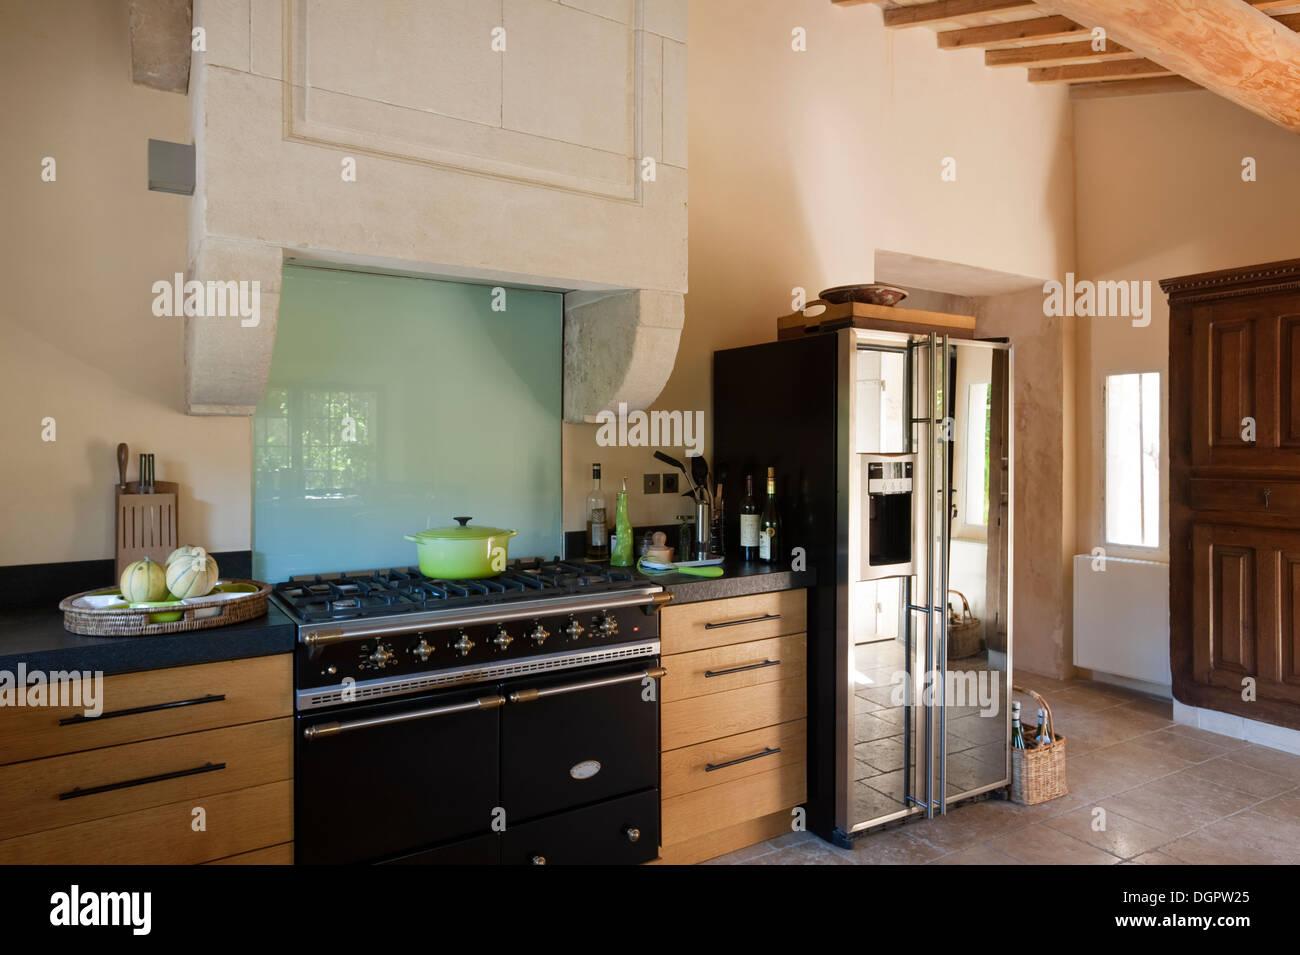 une cuisini re lacanche et une hotte en pierre encorbellements dans une cuisine avec armoires. Black Bedroom Furniture Sets. Home Design Ideas